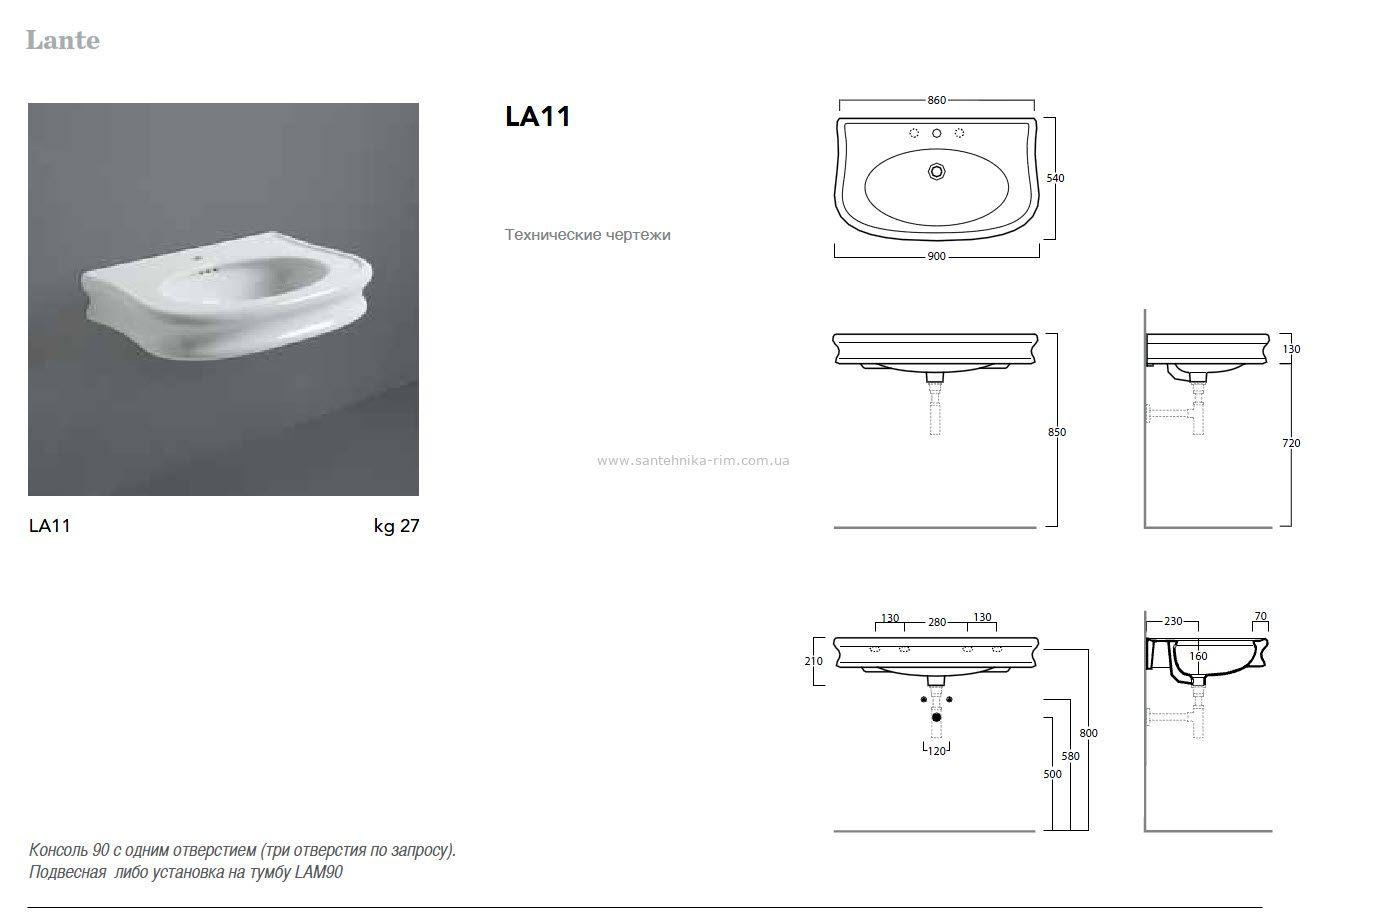 Купить Умывальник 90 см Simas Lante (LA11)